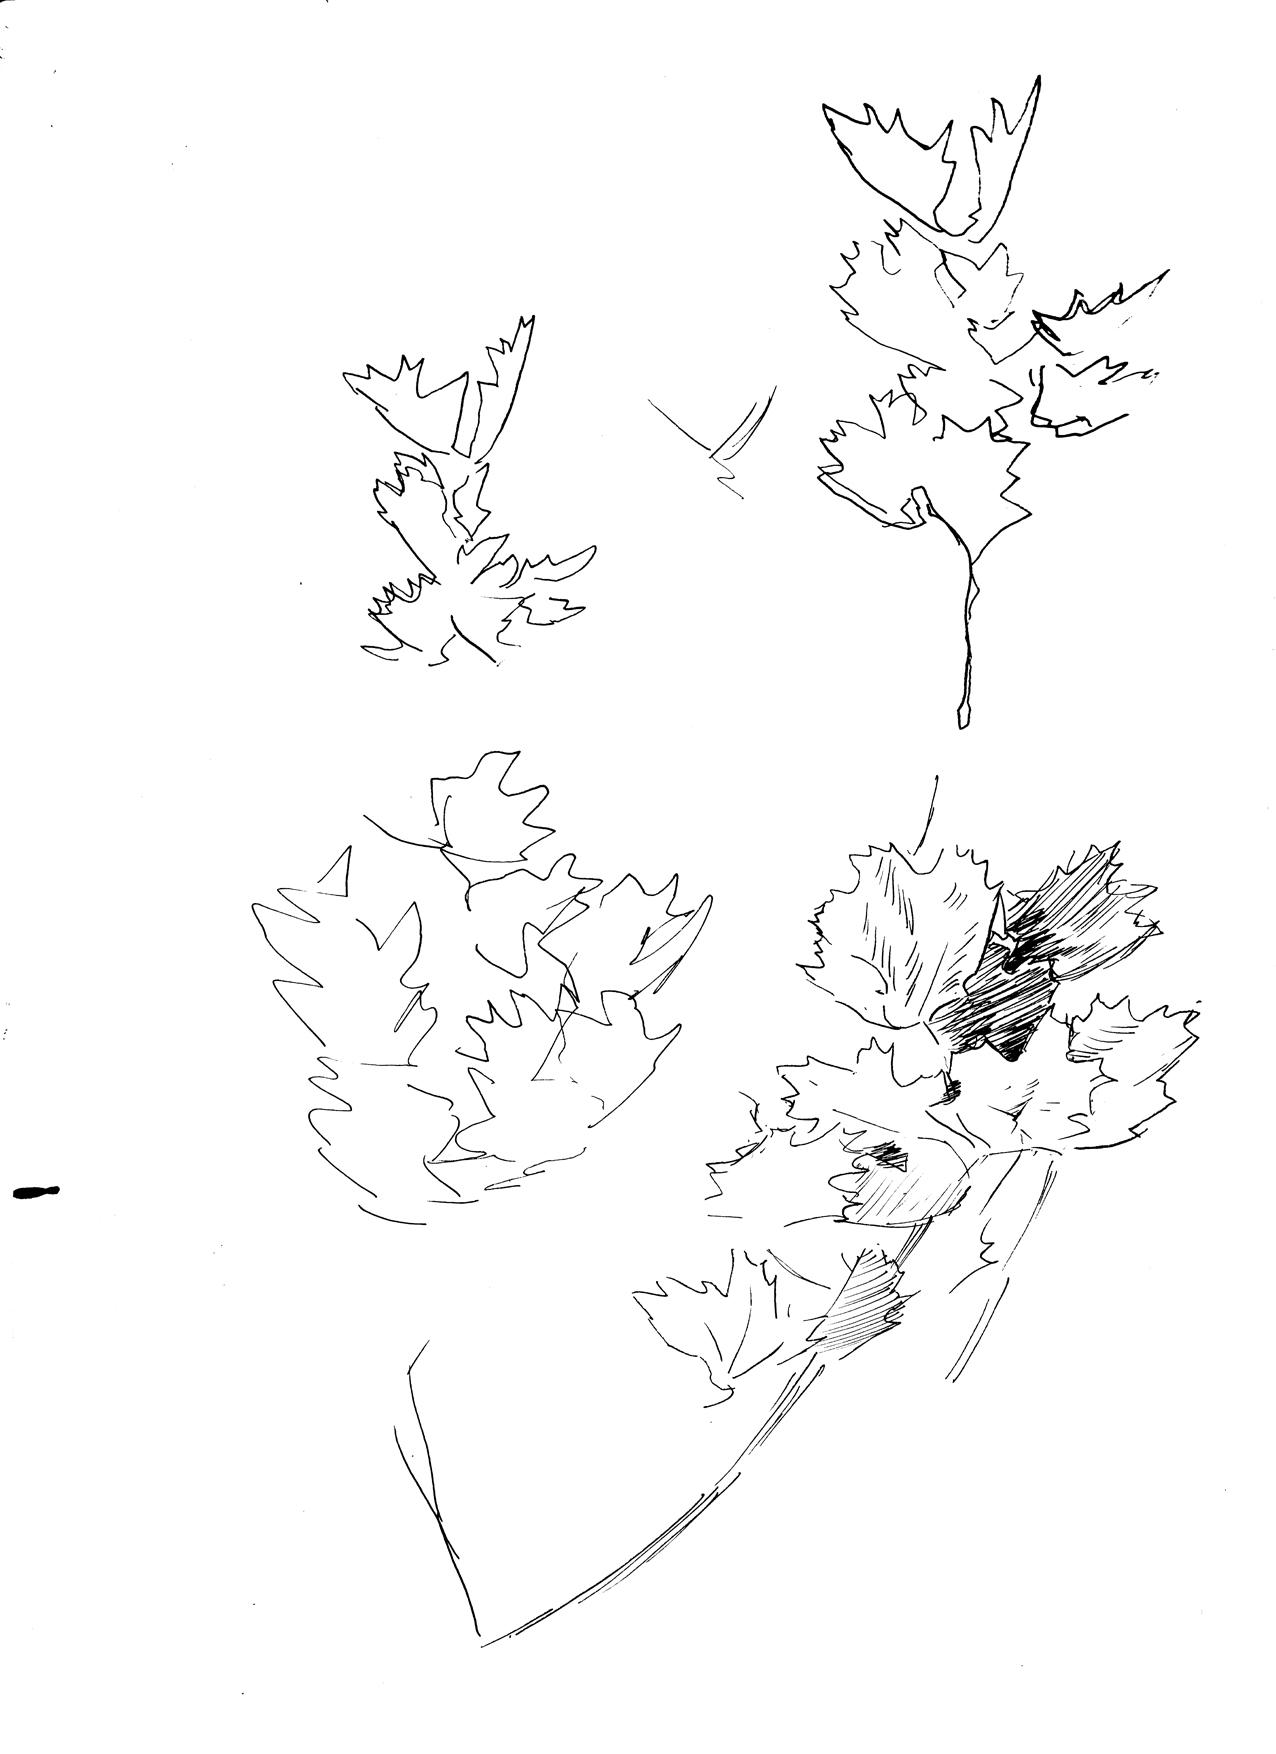 5-24 leaf studies